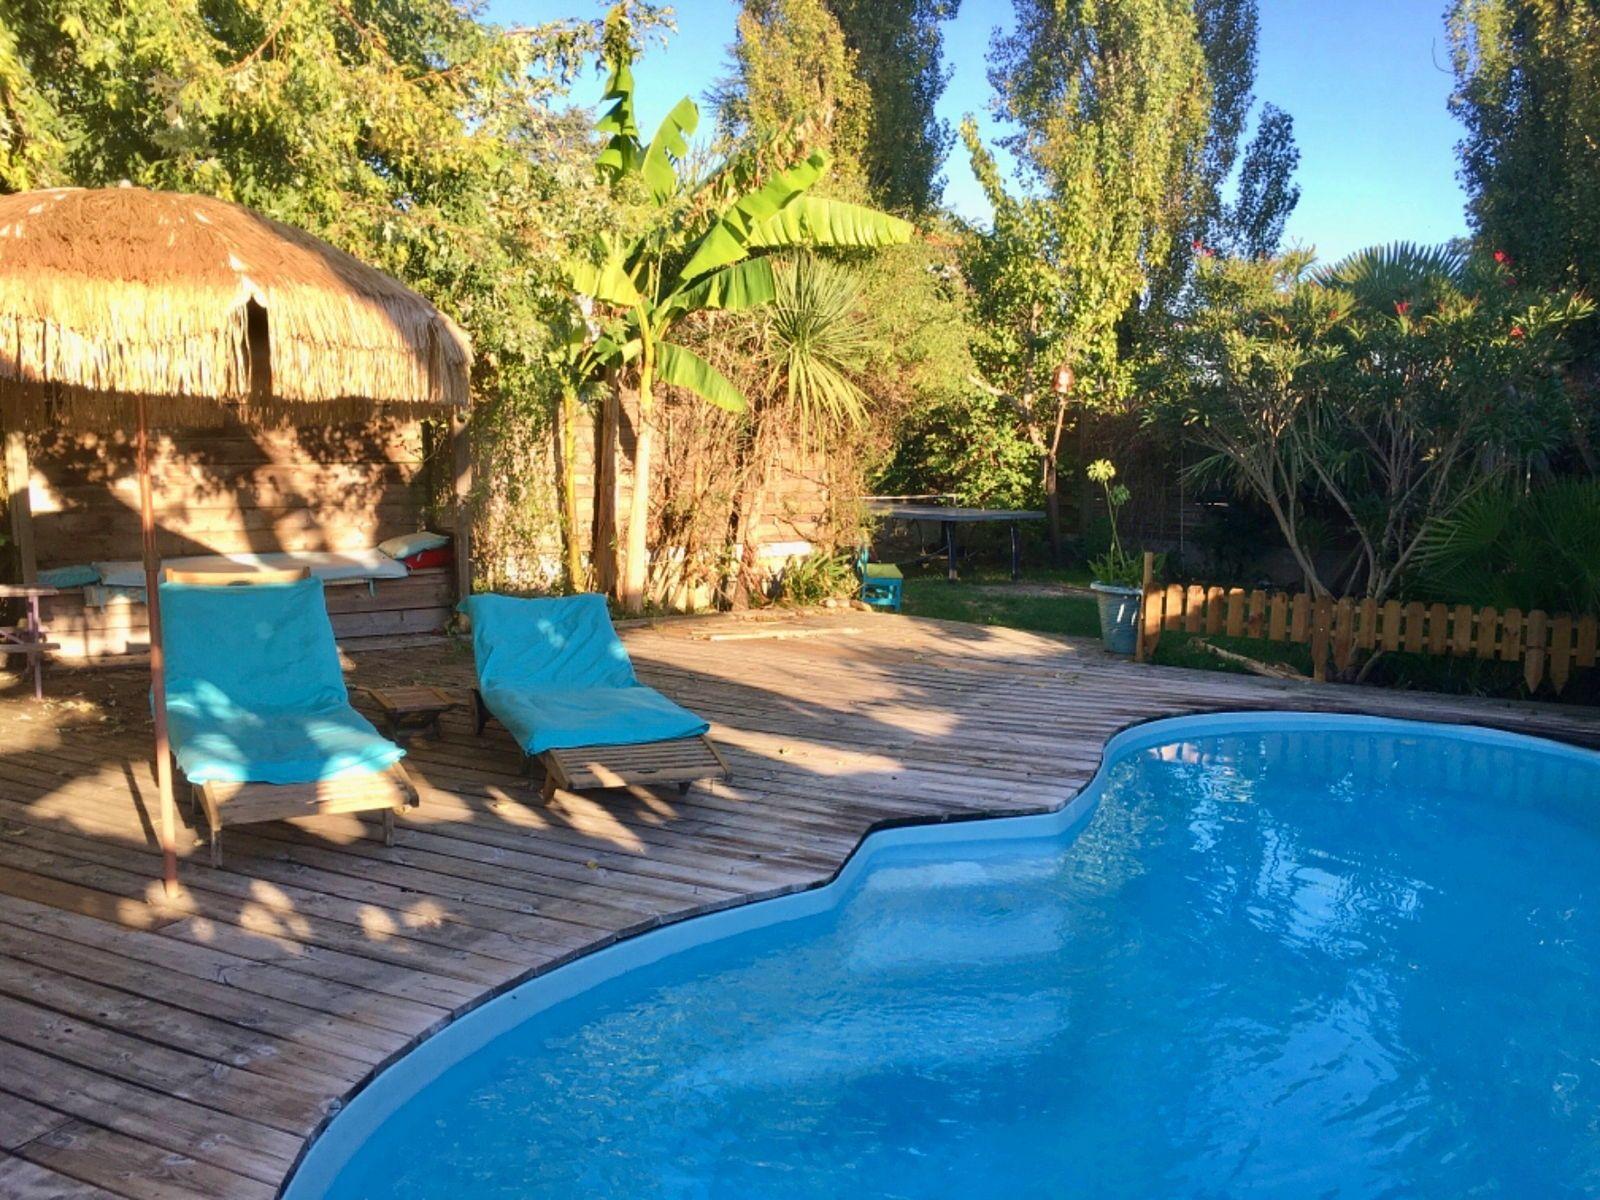 Vends maison pleine de charme, 4chambres, 140m², piscine - Anglet (64)